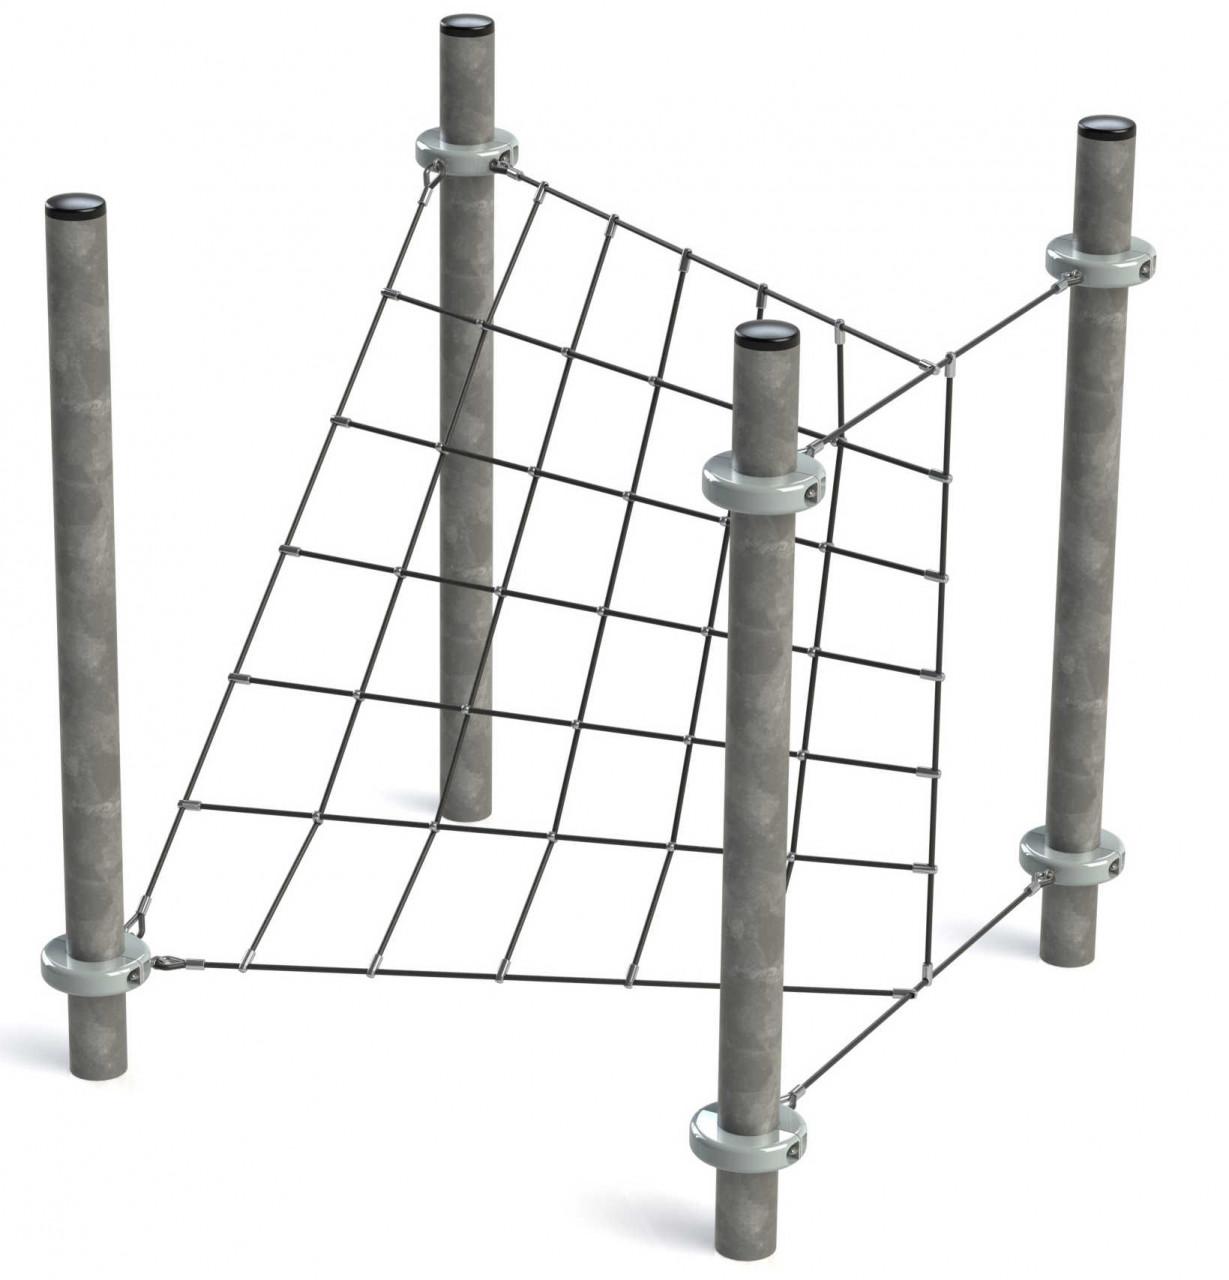 Klettergerüst Kletternetz Veil für Kinder Spielplätze und Abenteuerplätze